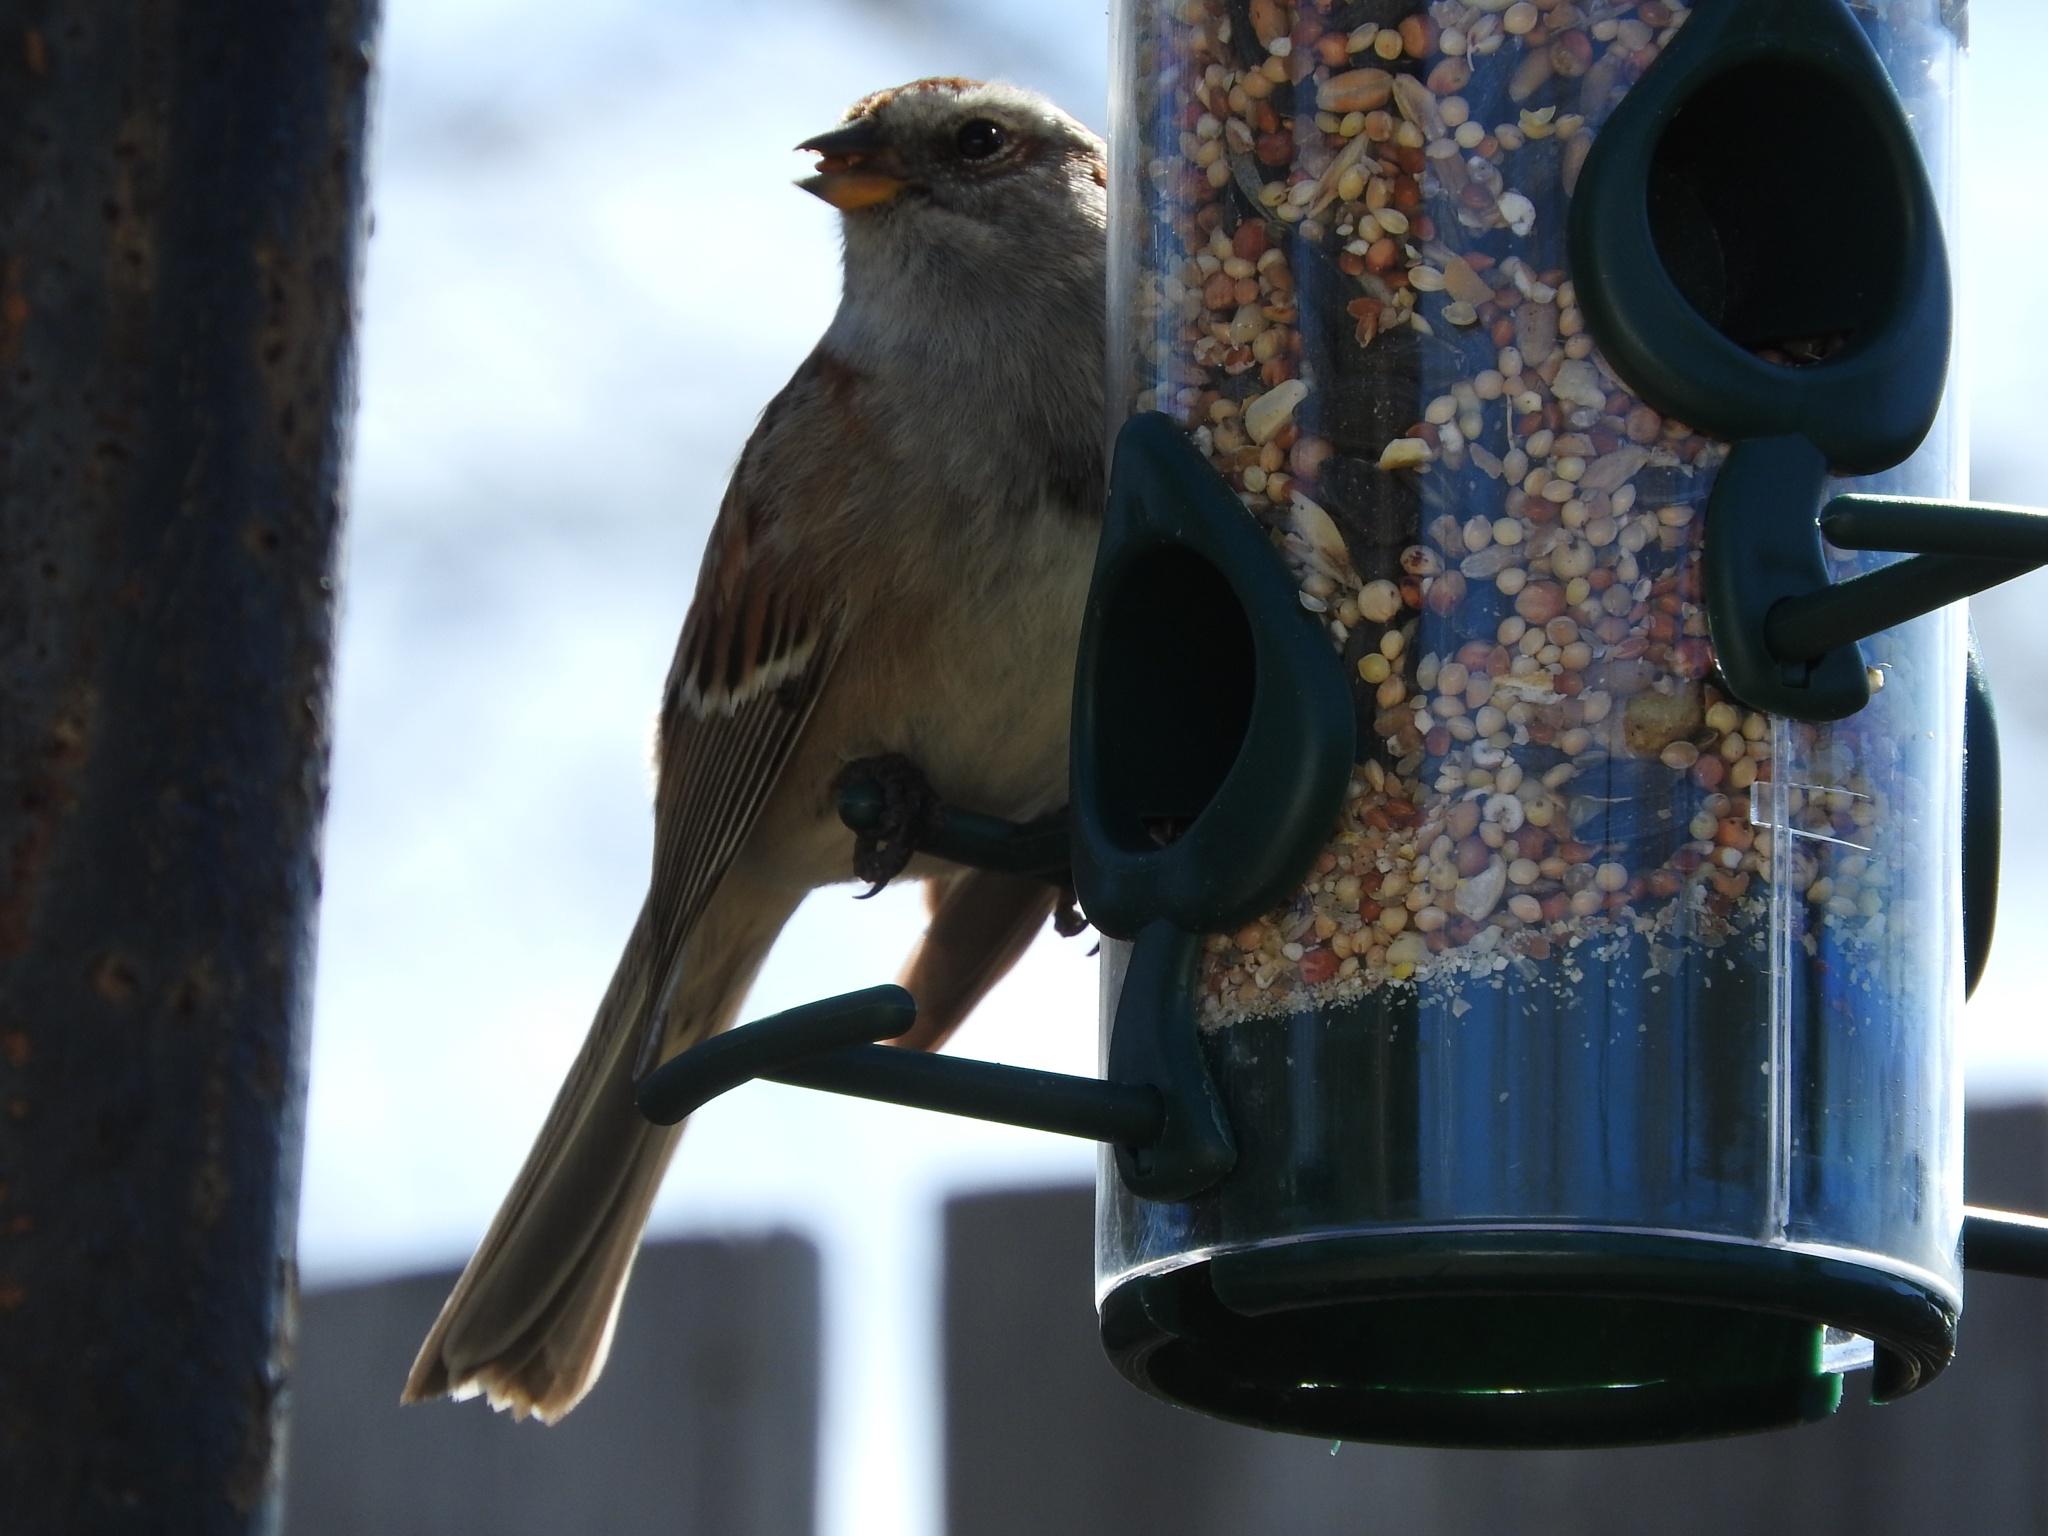 Sparrow by Lorraine Furmanic